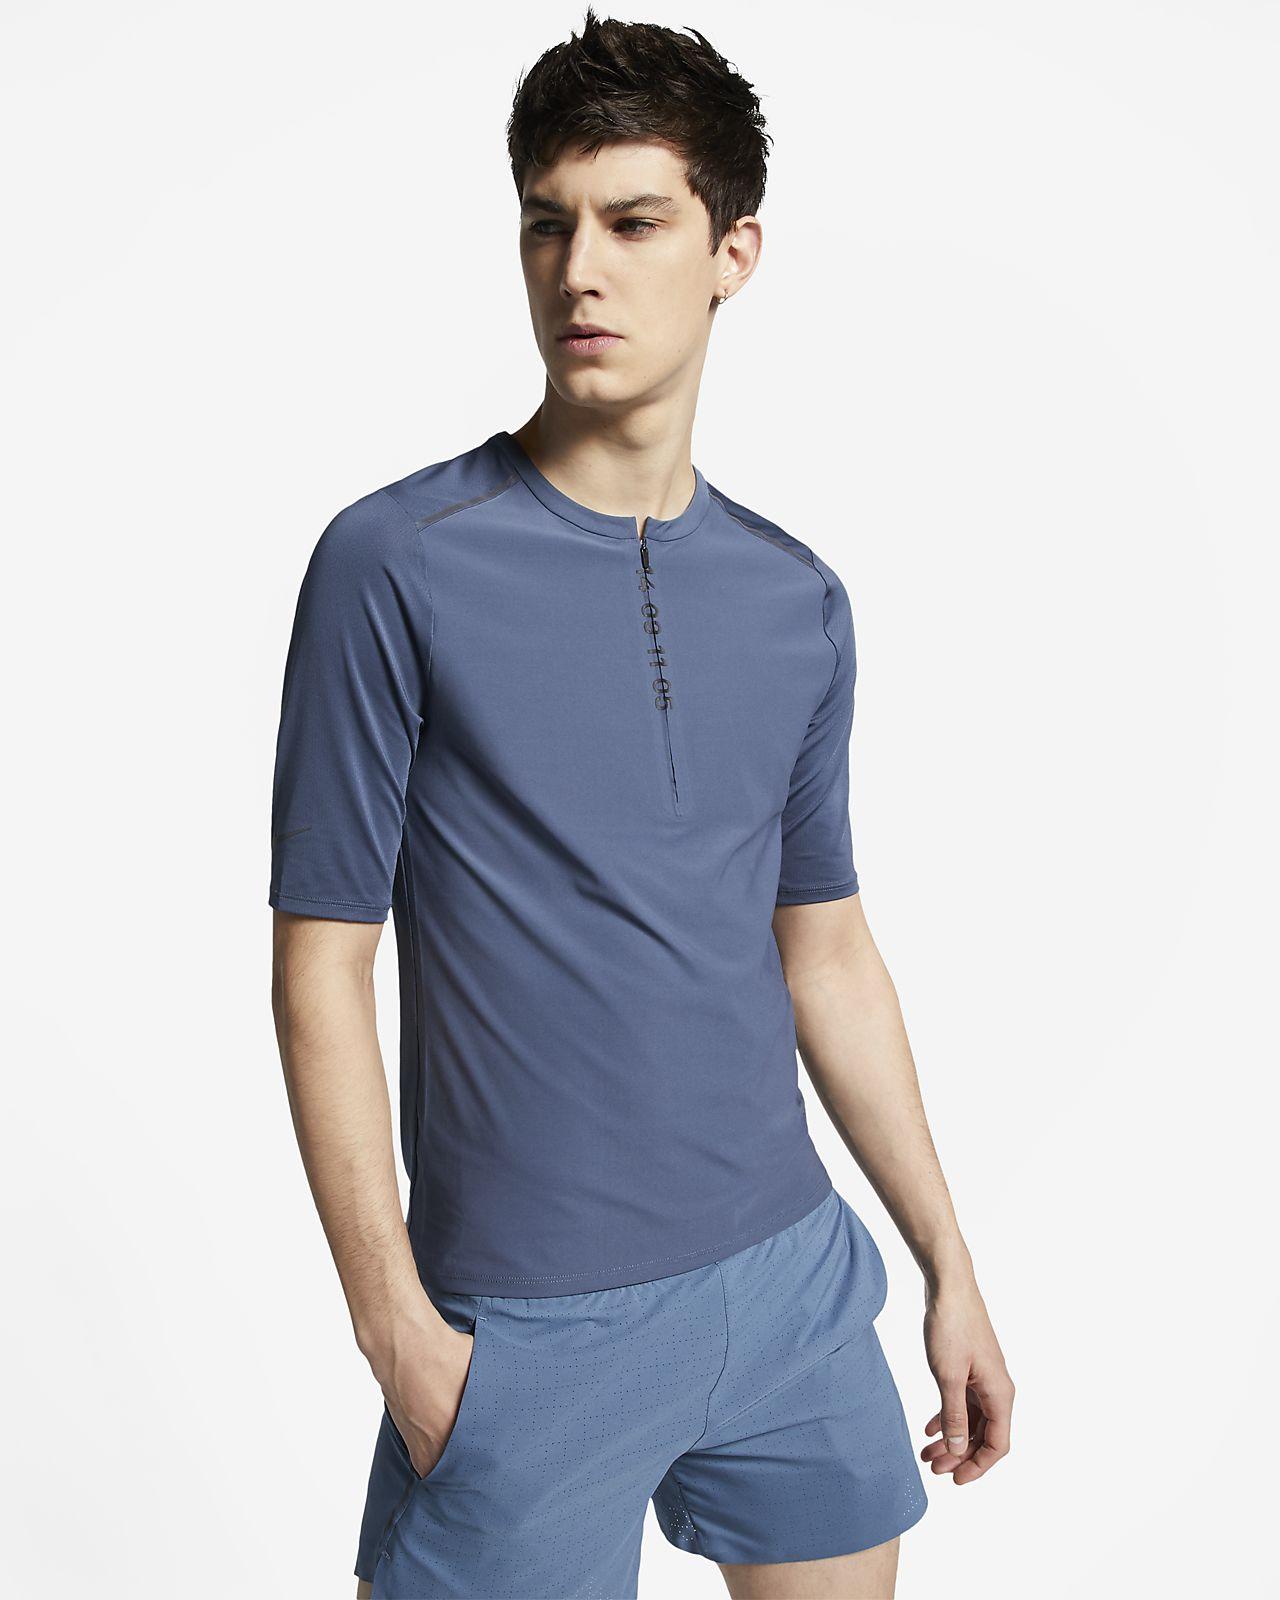 Ανδρική κοντομάνικη μπλούζα για τρέξιμο με φερμουάρ στο μισό μήκος Nike Tech Pack